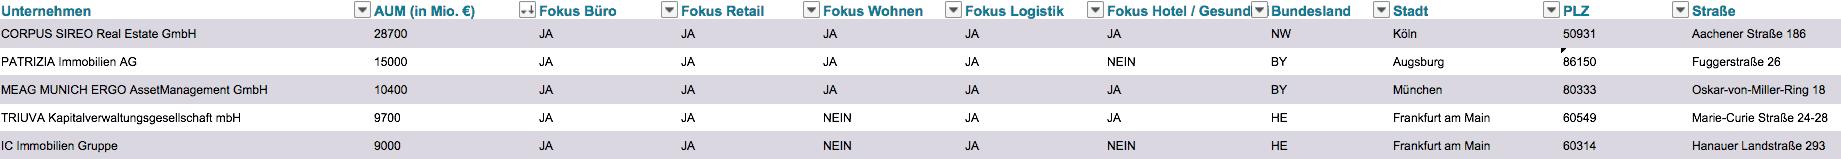 Ranking Immobilien Asset Manager Deutschland